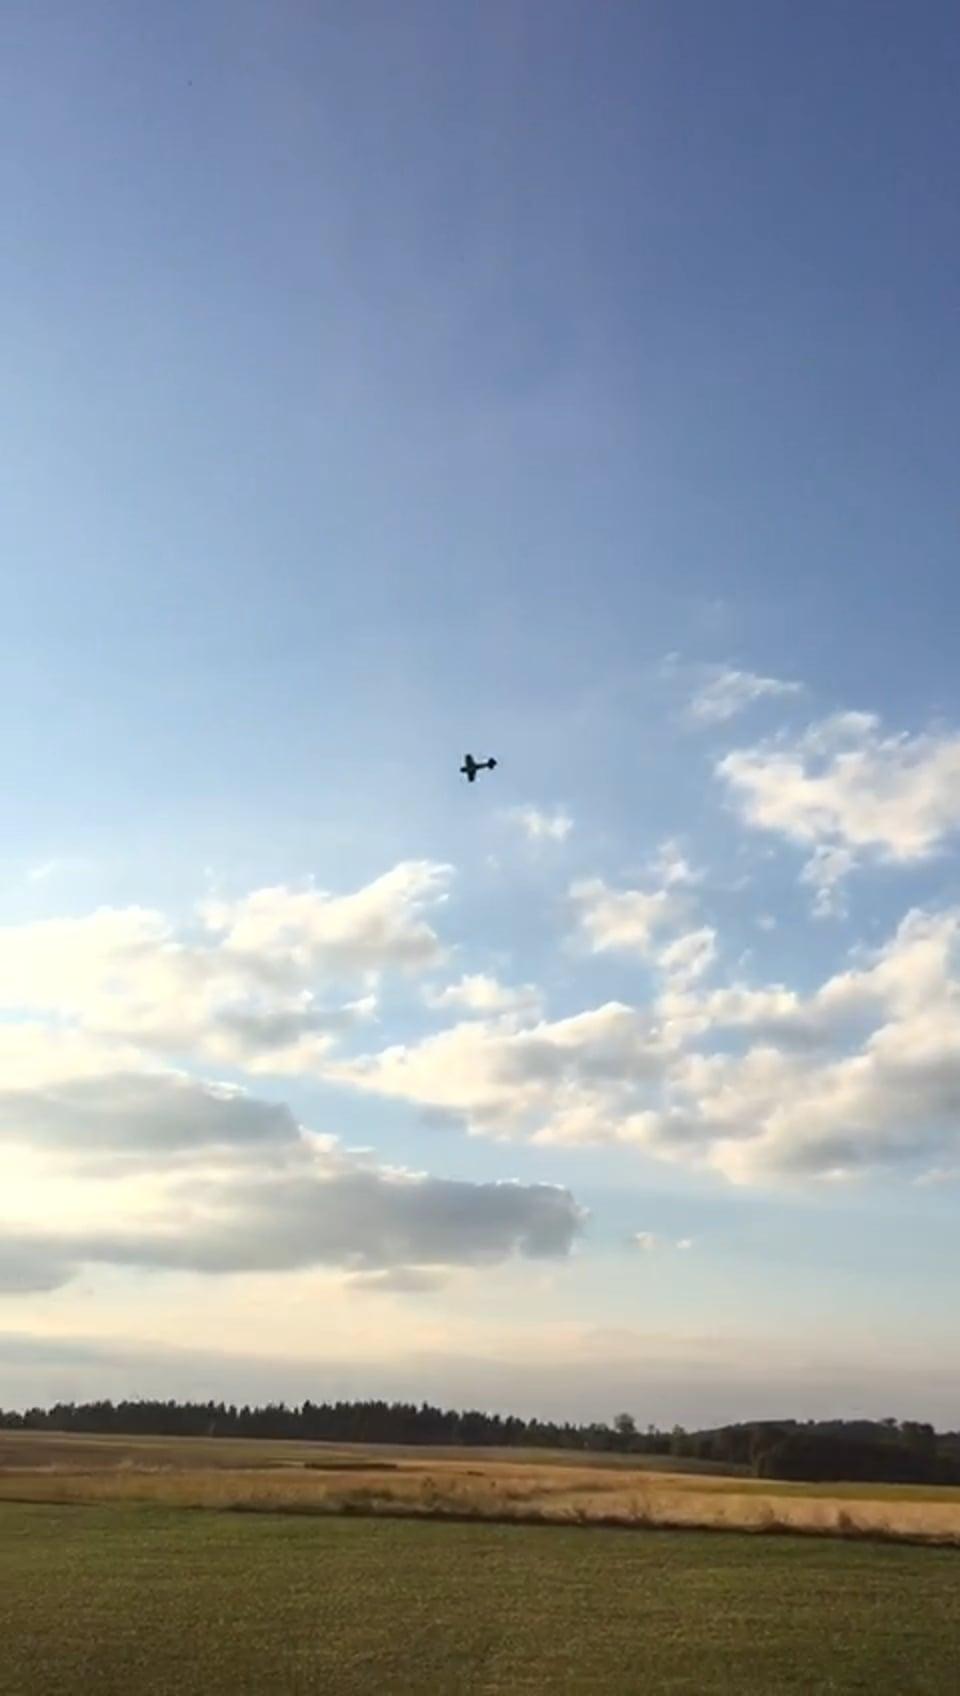 Aeroplus Edge